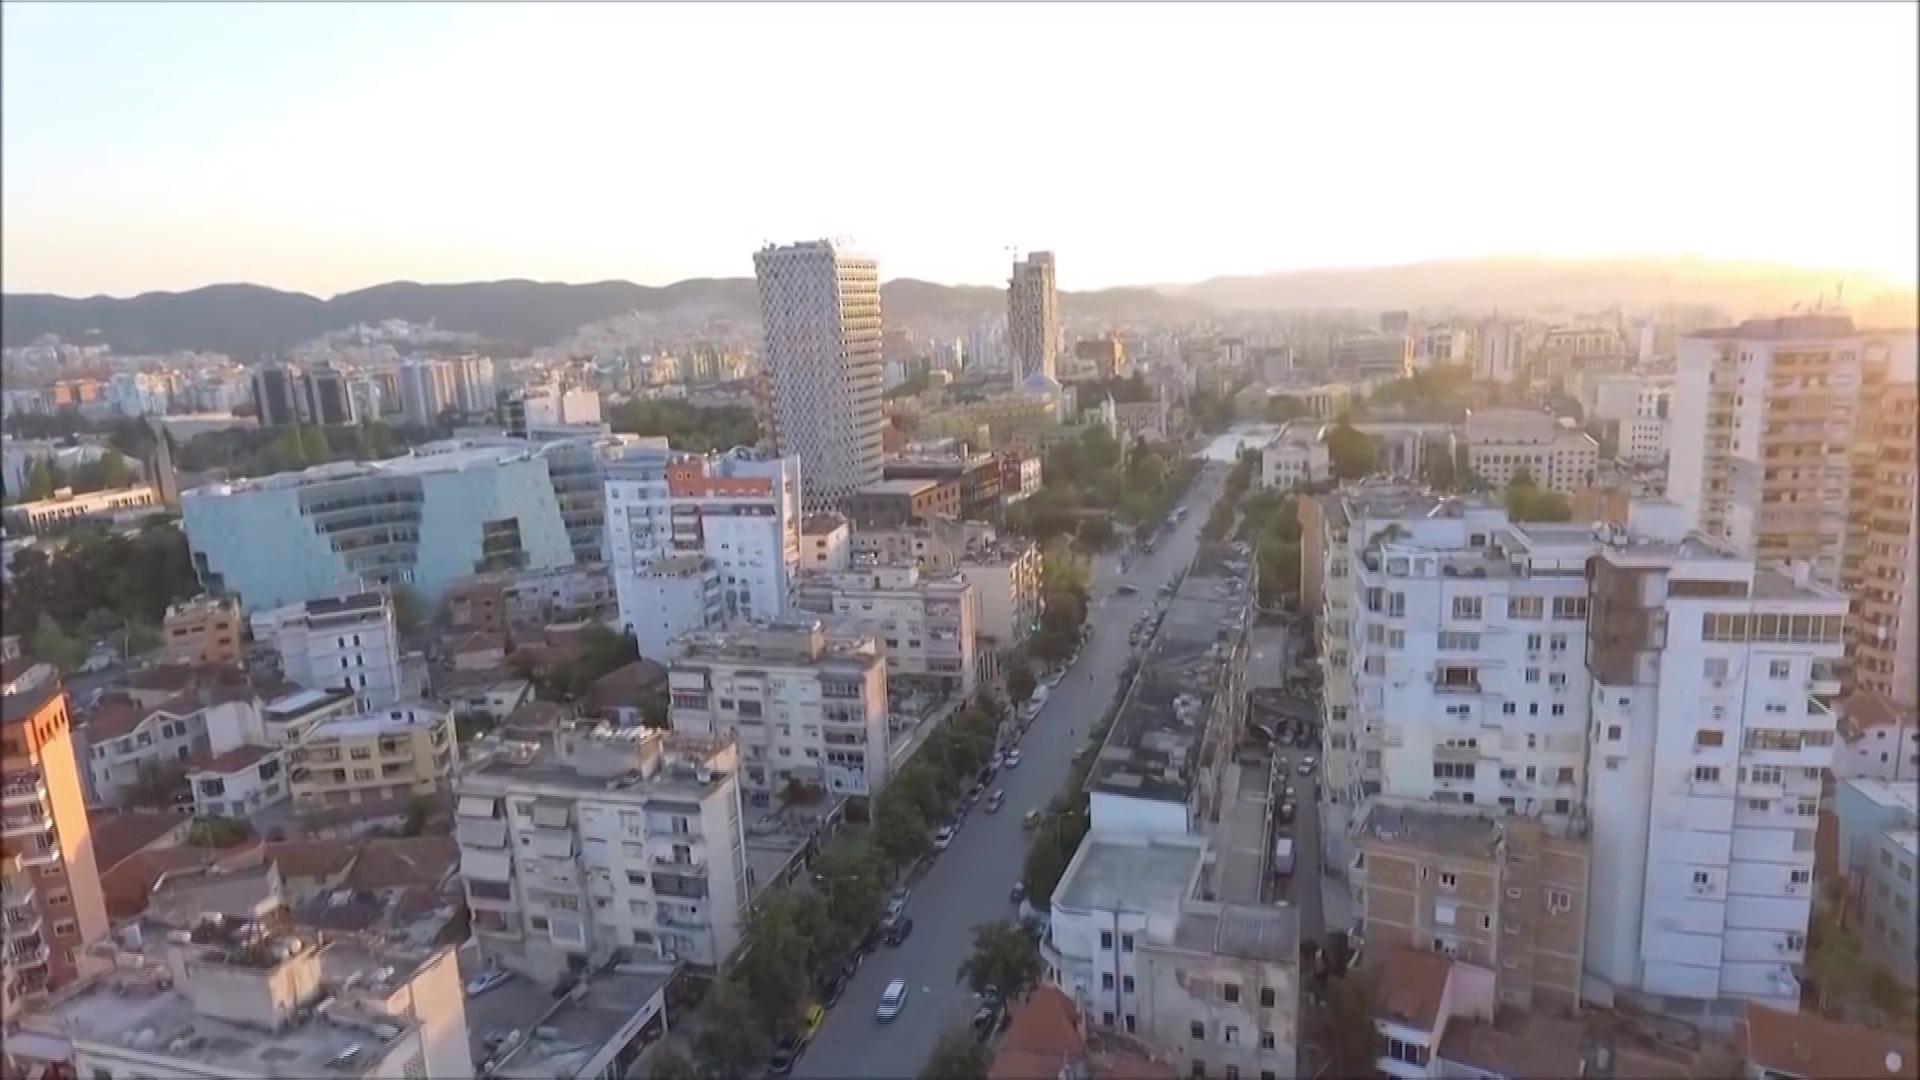 INSTAT: Ndërtimi e hotelet kanë punë, tregtia e industria shënojnë rënie